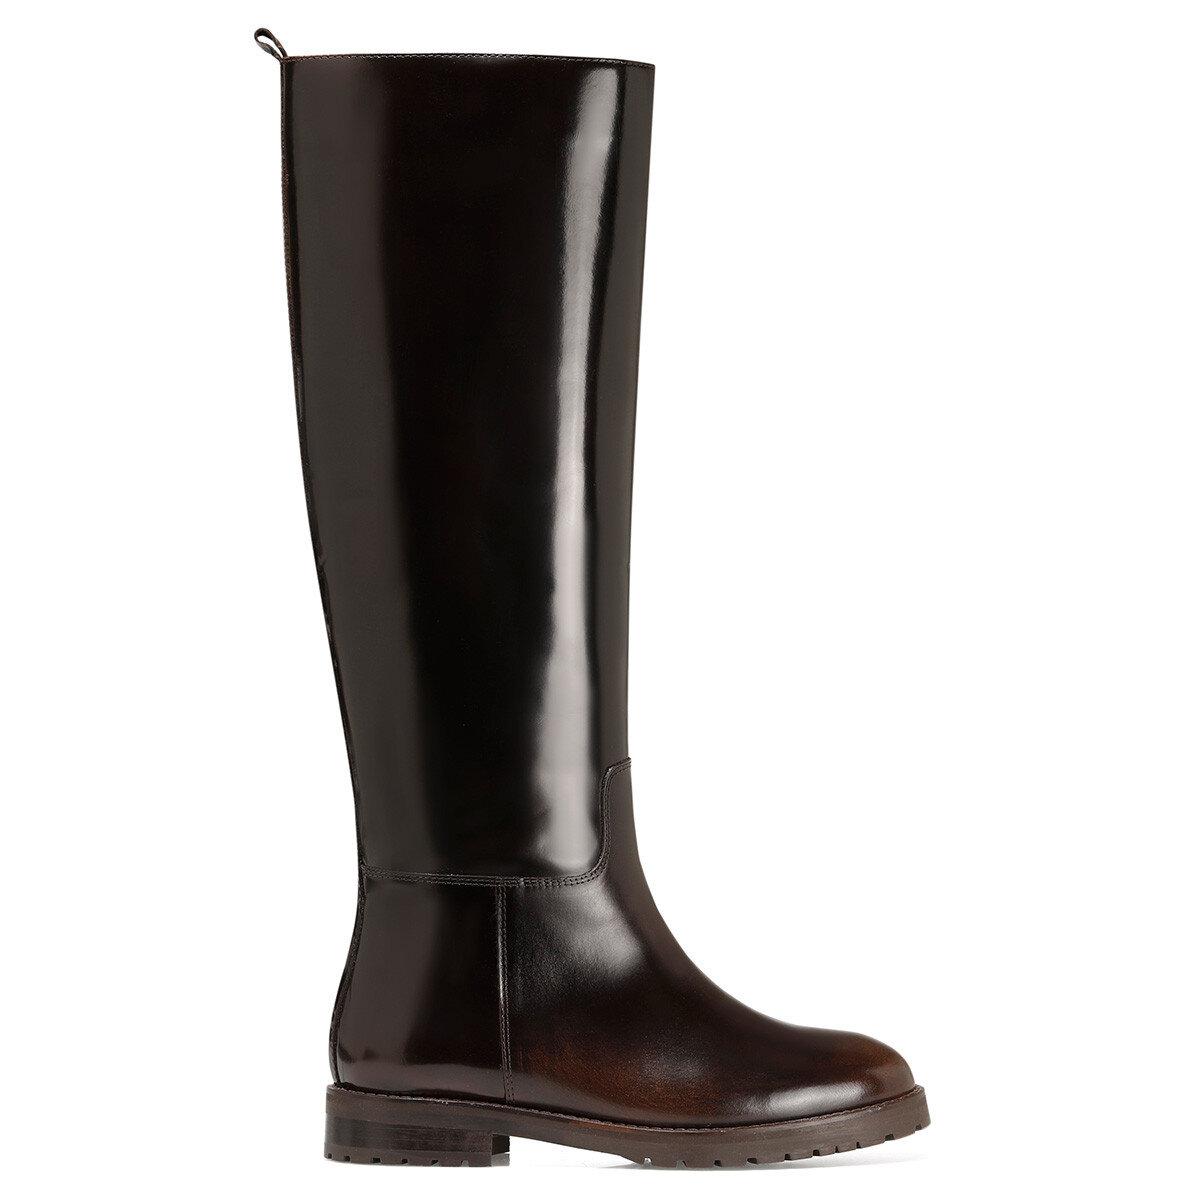 BEGMO Kahverengi Kadın Düz Çizme